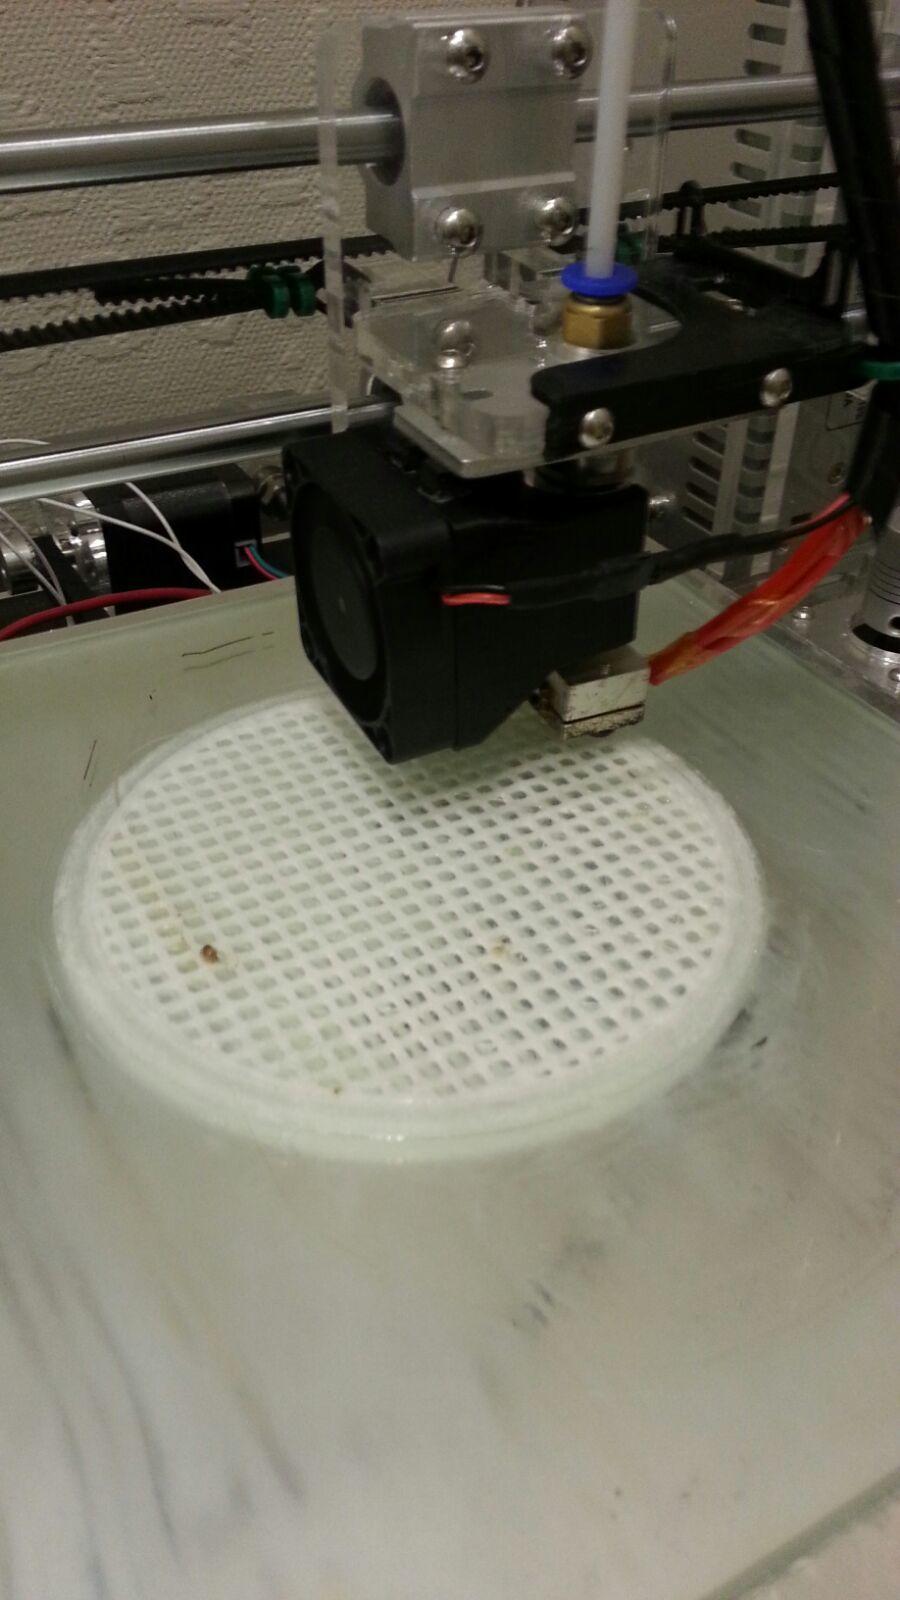 Конструктор 3D-принтера от SUNHOKEY в процессе эксплуатации (часть вторая) - 30